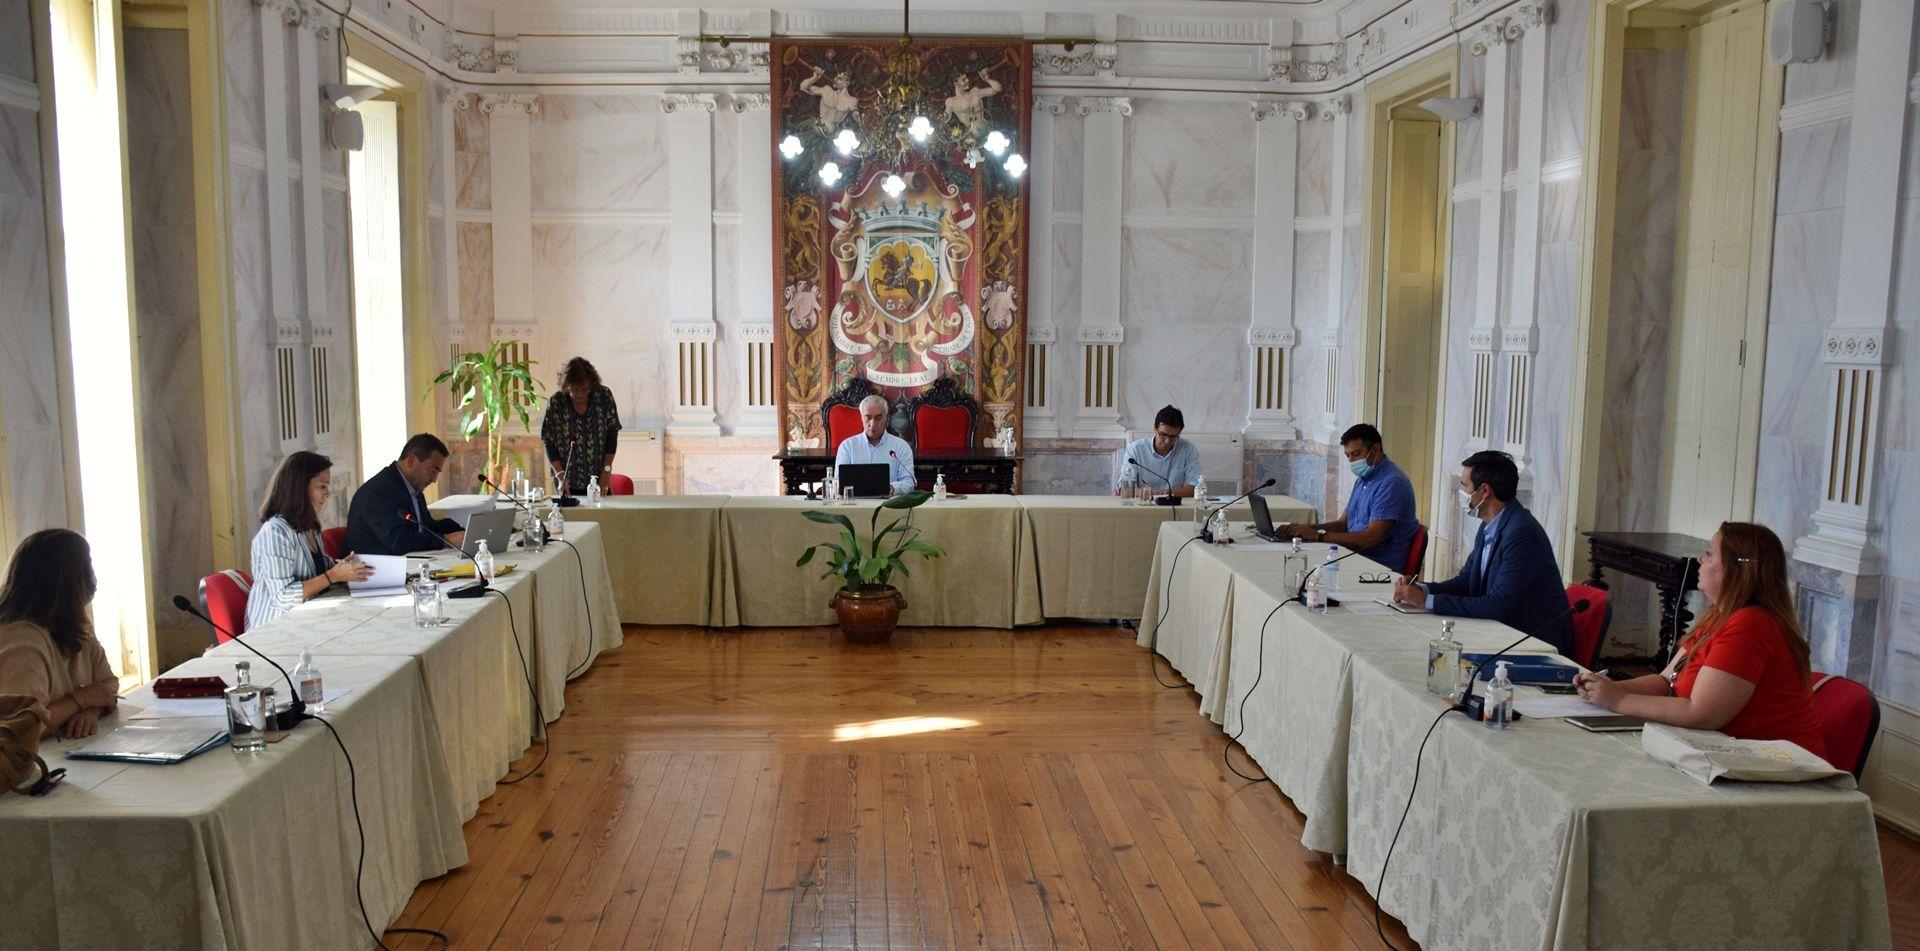 Em Reunião Pública de 20 de Outubro de 2021; Câmara de Évora procedeu à instalação e debateu funcionamento do Executivo